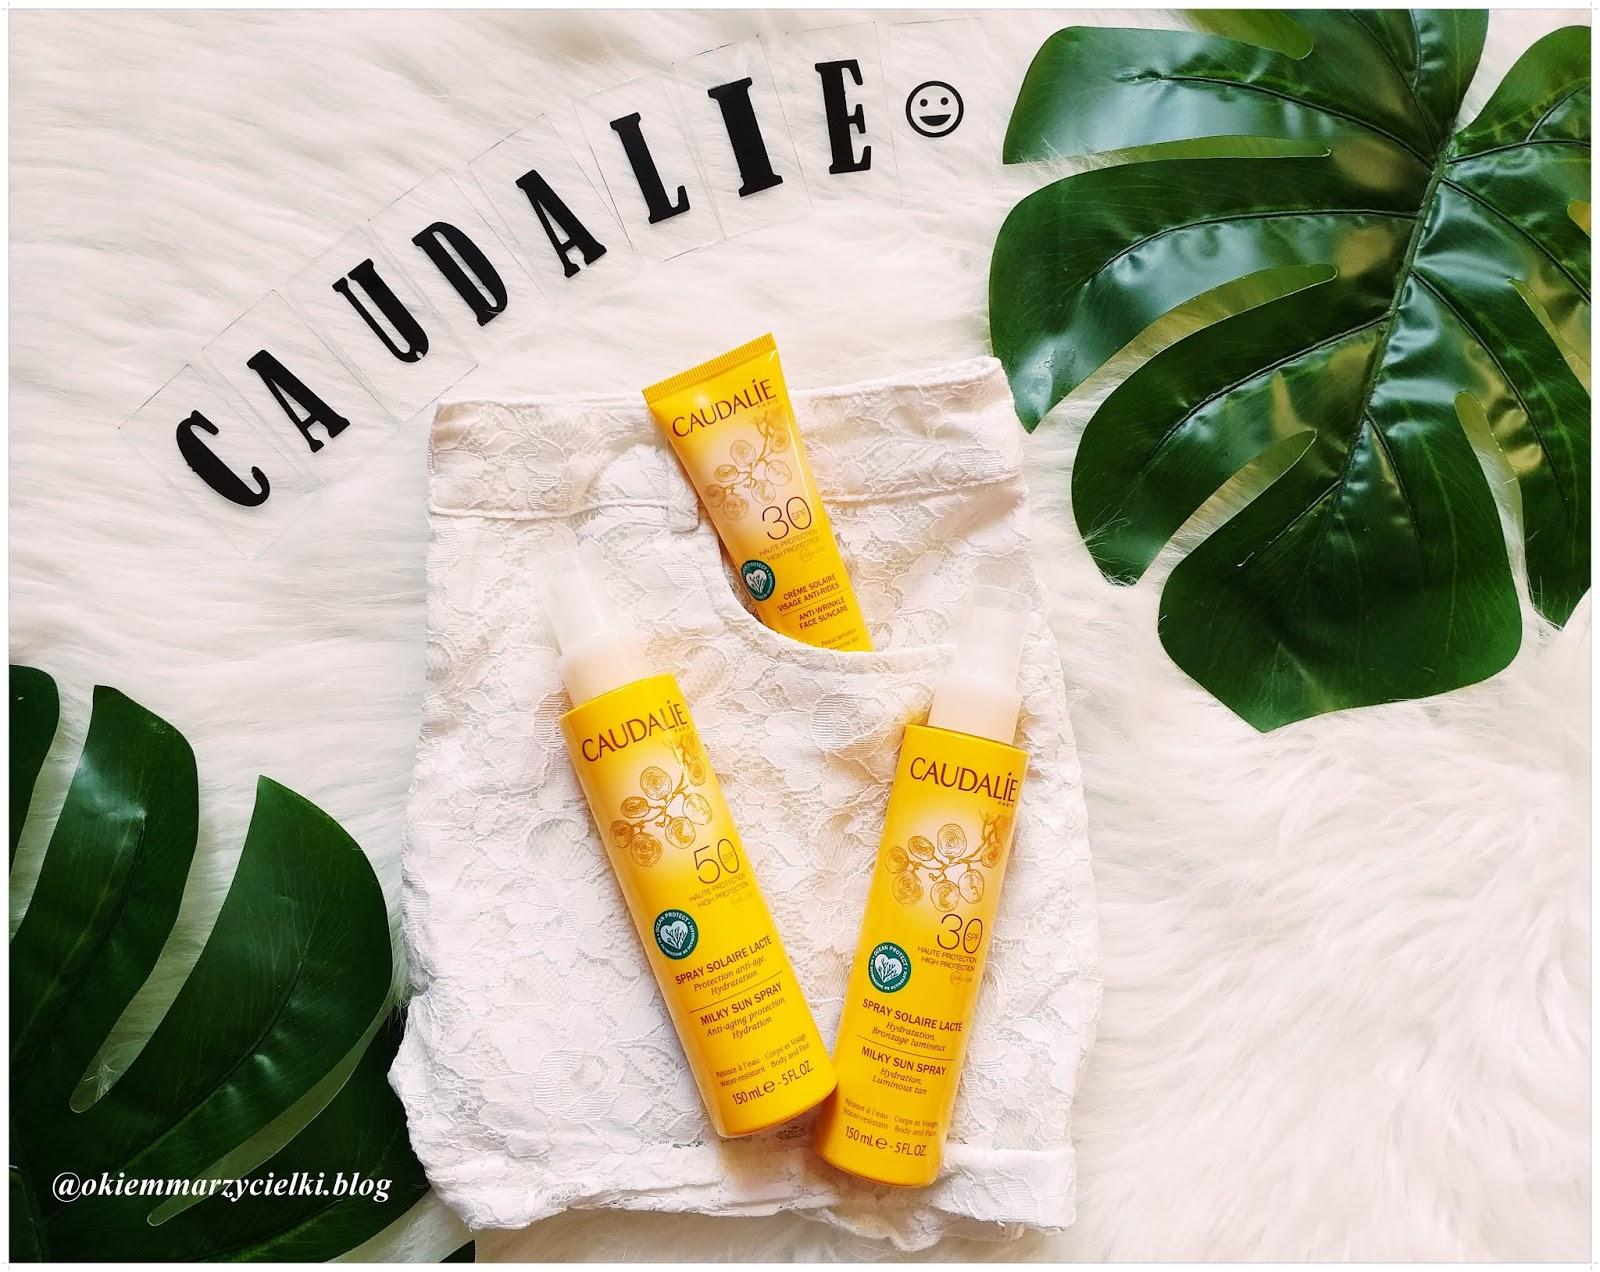 Opalaj się bezpiecznie z marką Caudalie|Spray nawilżający do opalania Milky Sun Spray Spf 30 i 50 & Krem przeciwsłoneczny Spf 30|, recenzja #101